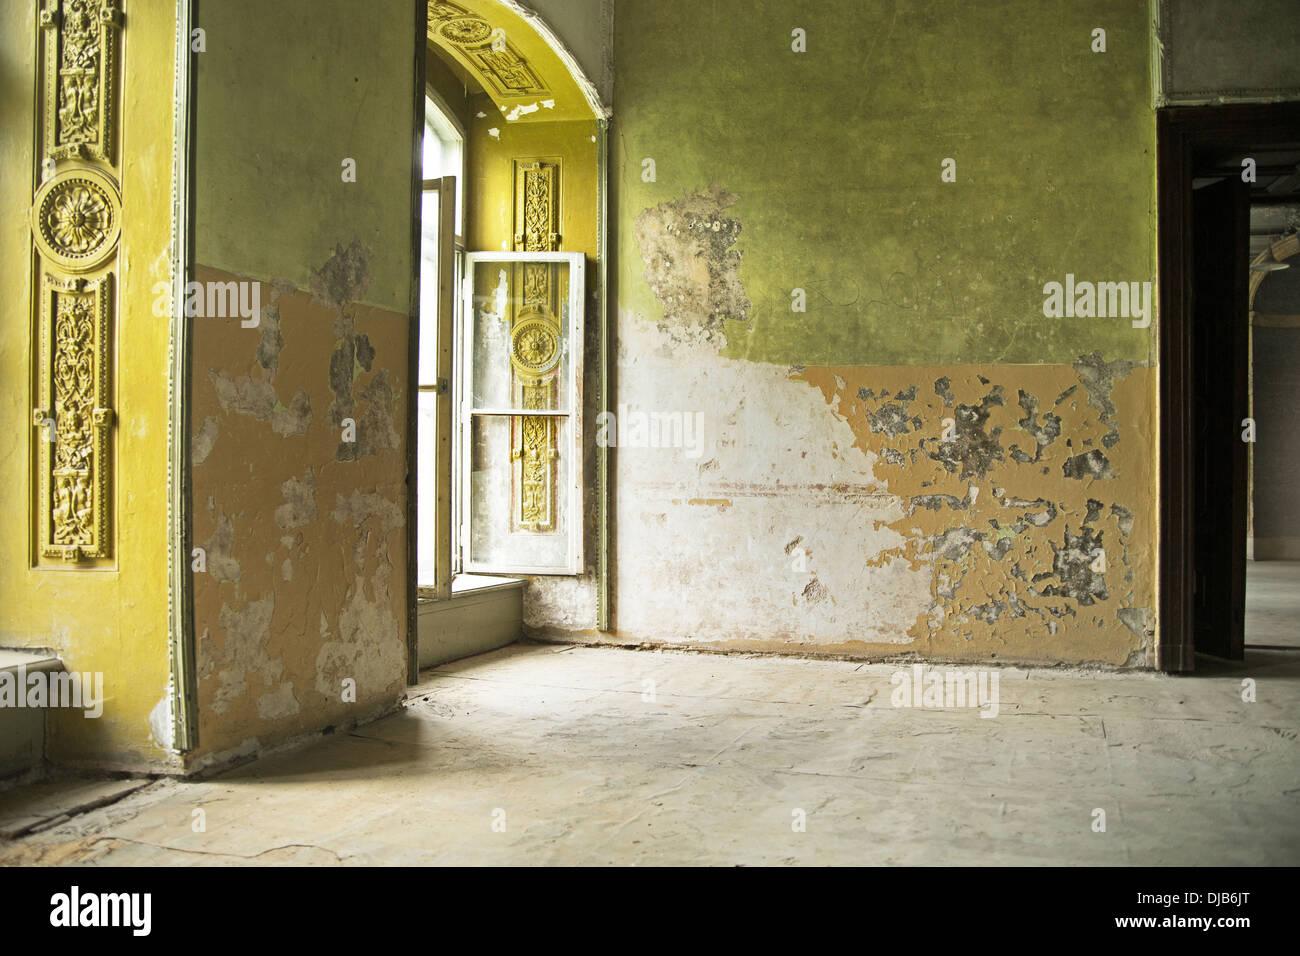 Estrangulados interior do antigo edifício antigo Imagens de Stock